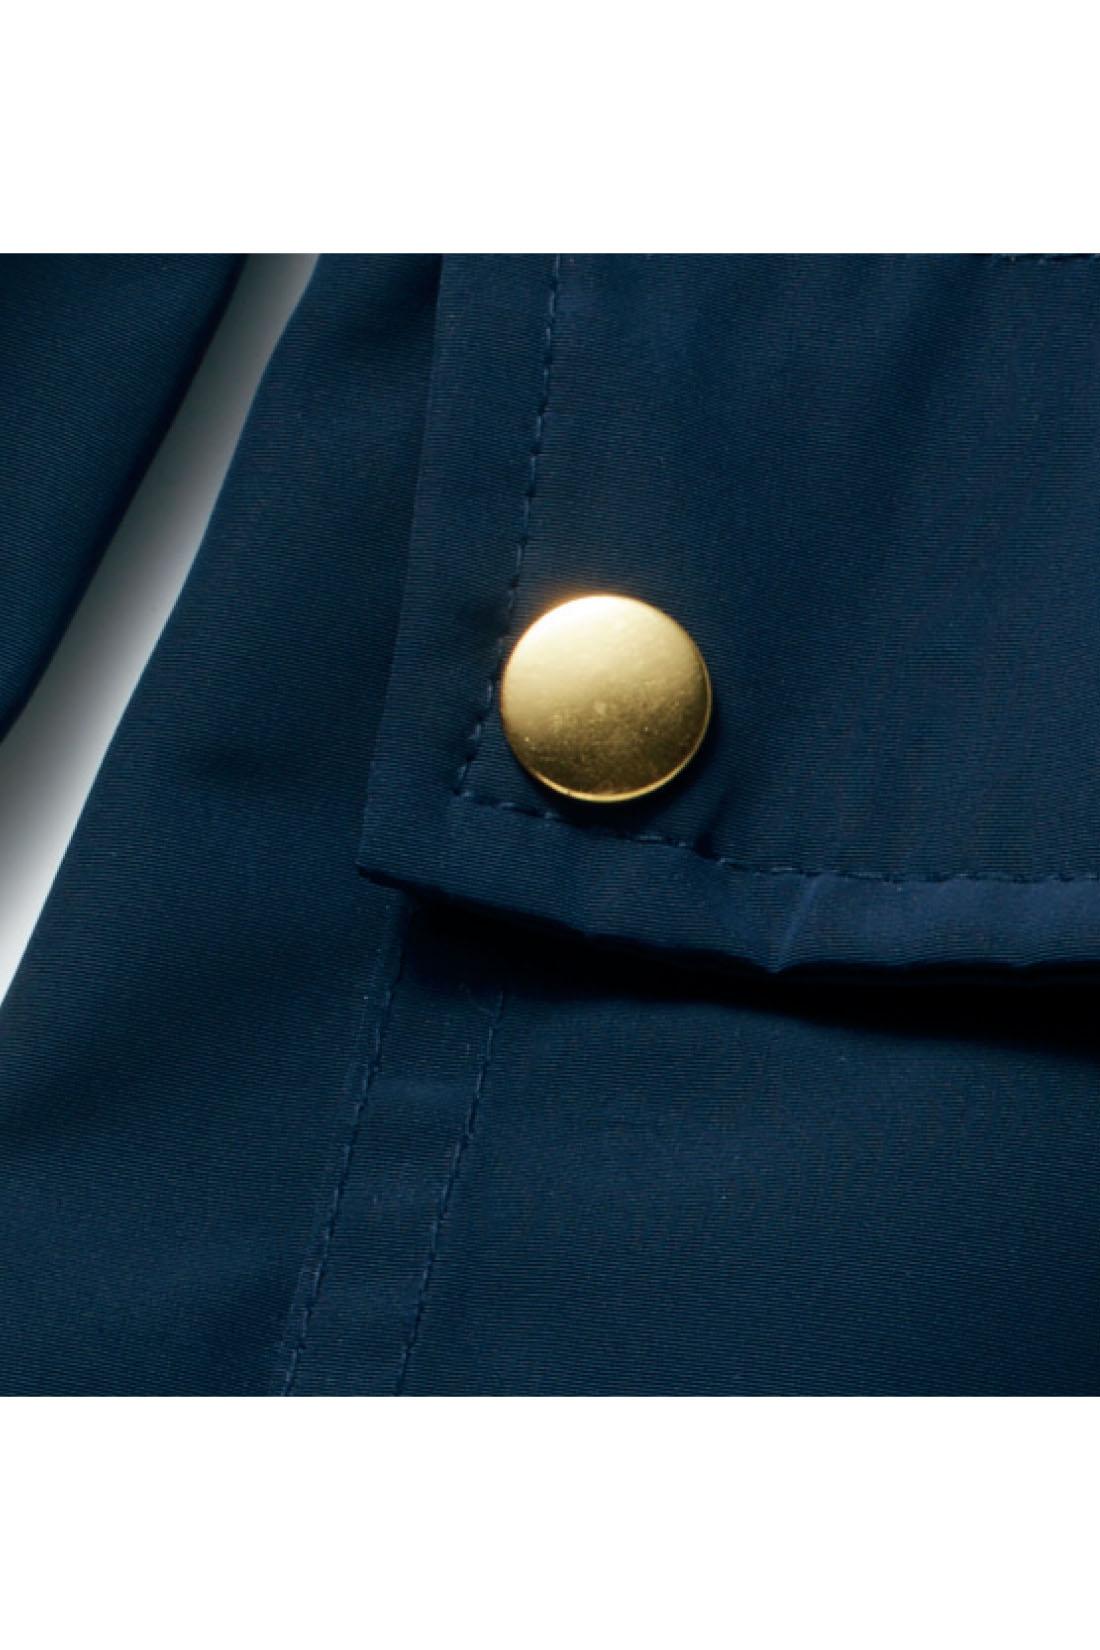 軽やかなポリエステル素材は滑りがよく着脱もらくちん。上品なゴールドボタンがポイント。